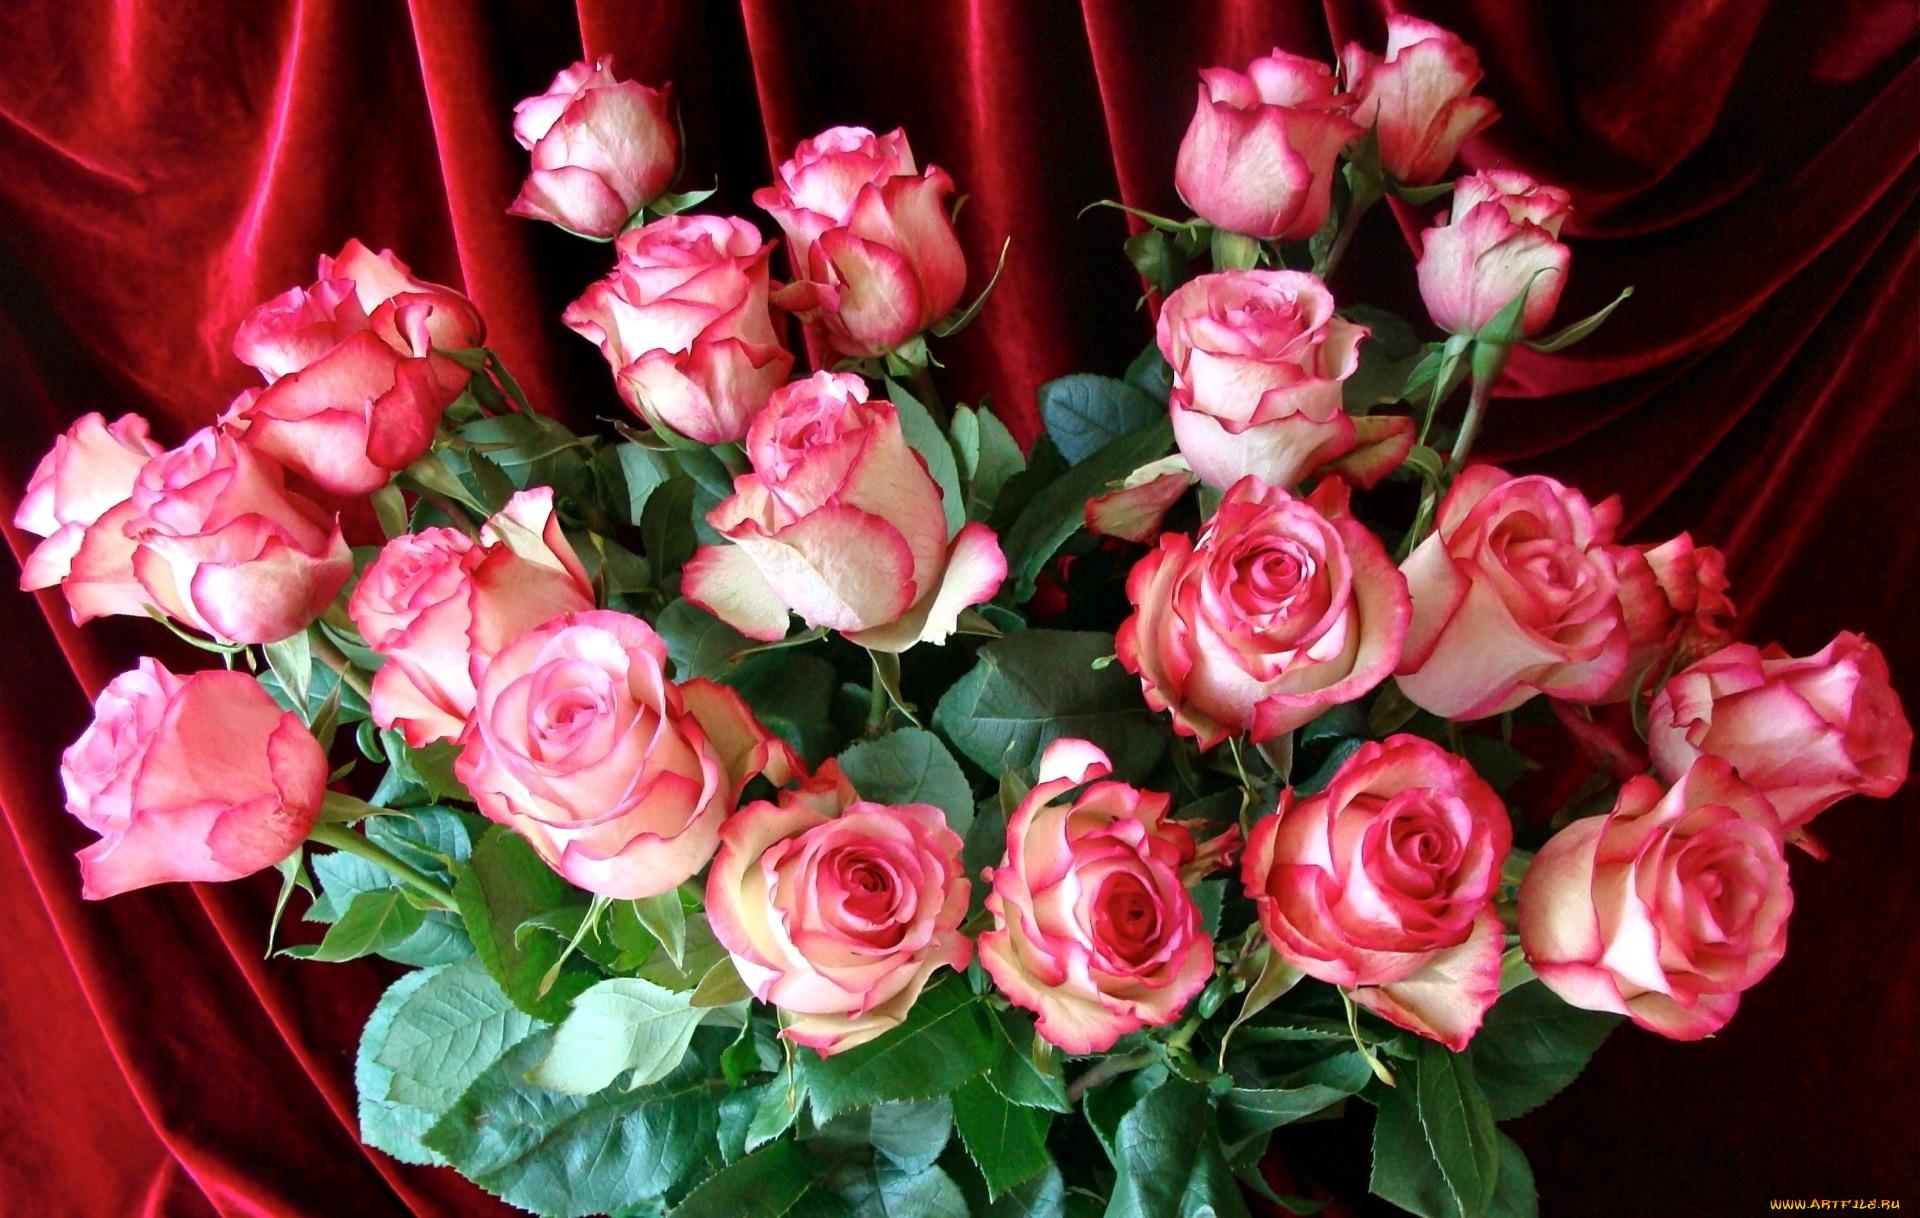 Открытки со словами цветы, картинки всякая всячина